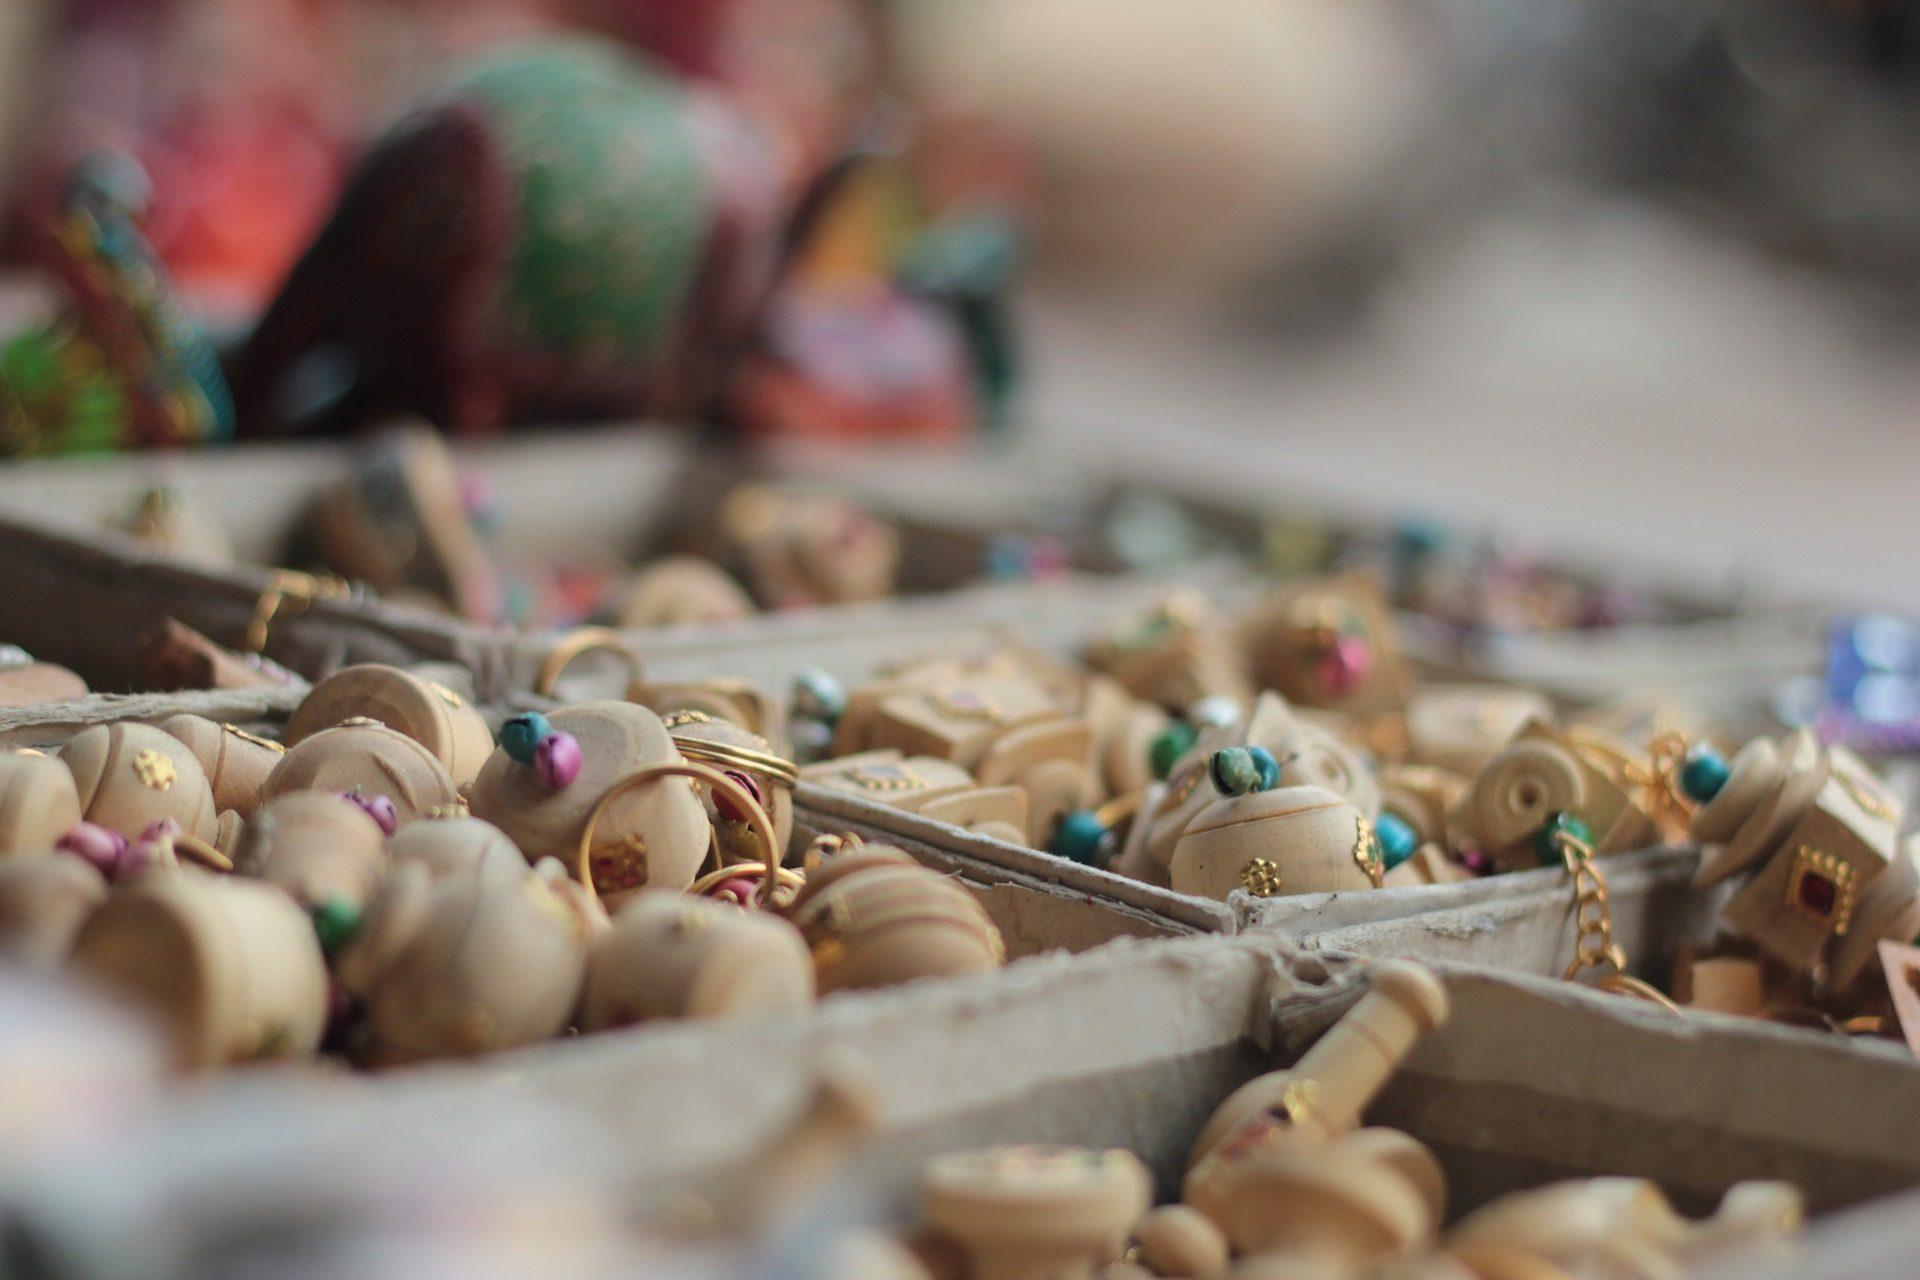 الحلي, حبات, الخشب, سوق البرغوث, شارع, الهند - خلفيات عالية الدقة - أستاذ falken.com